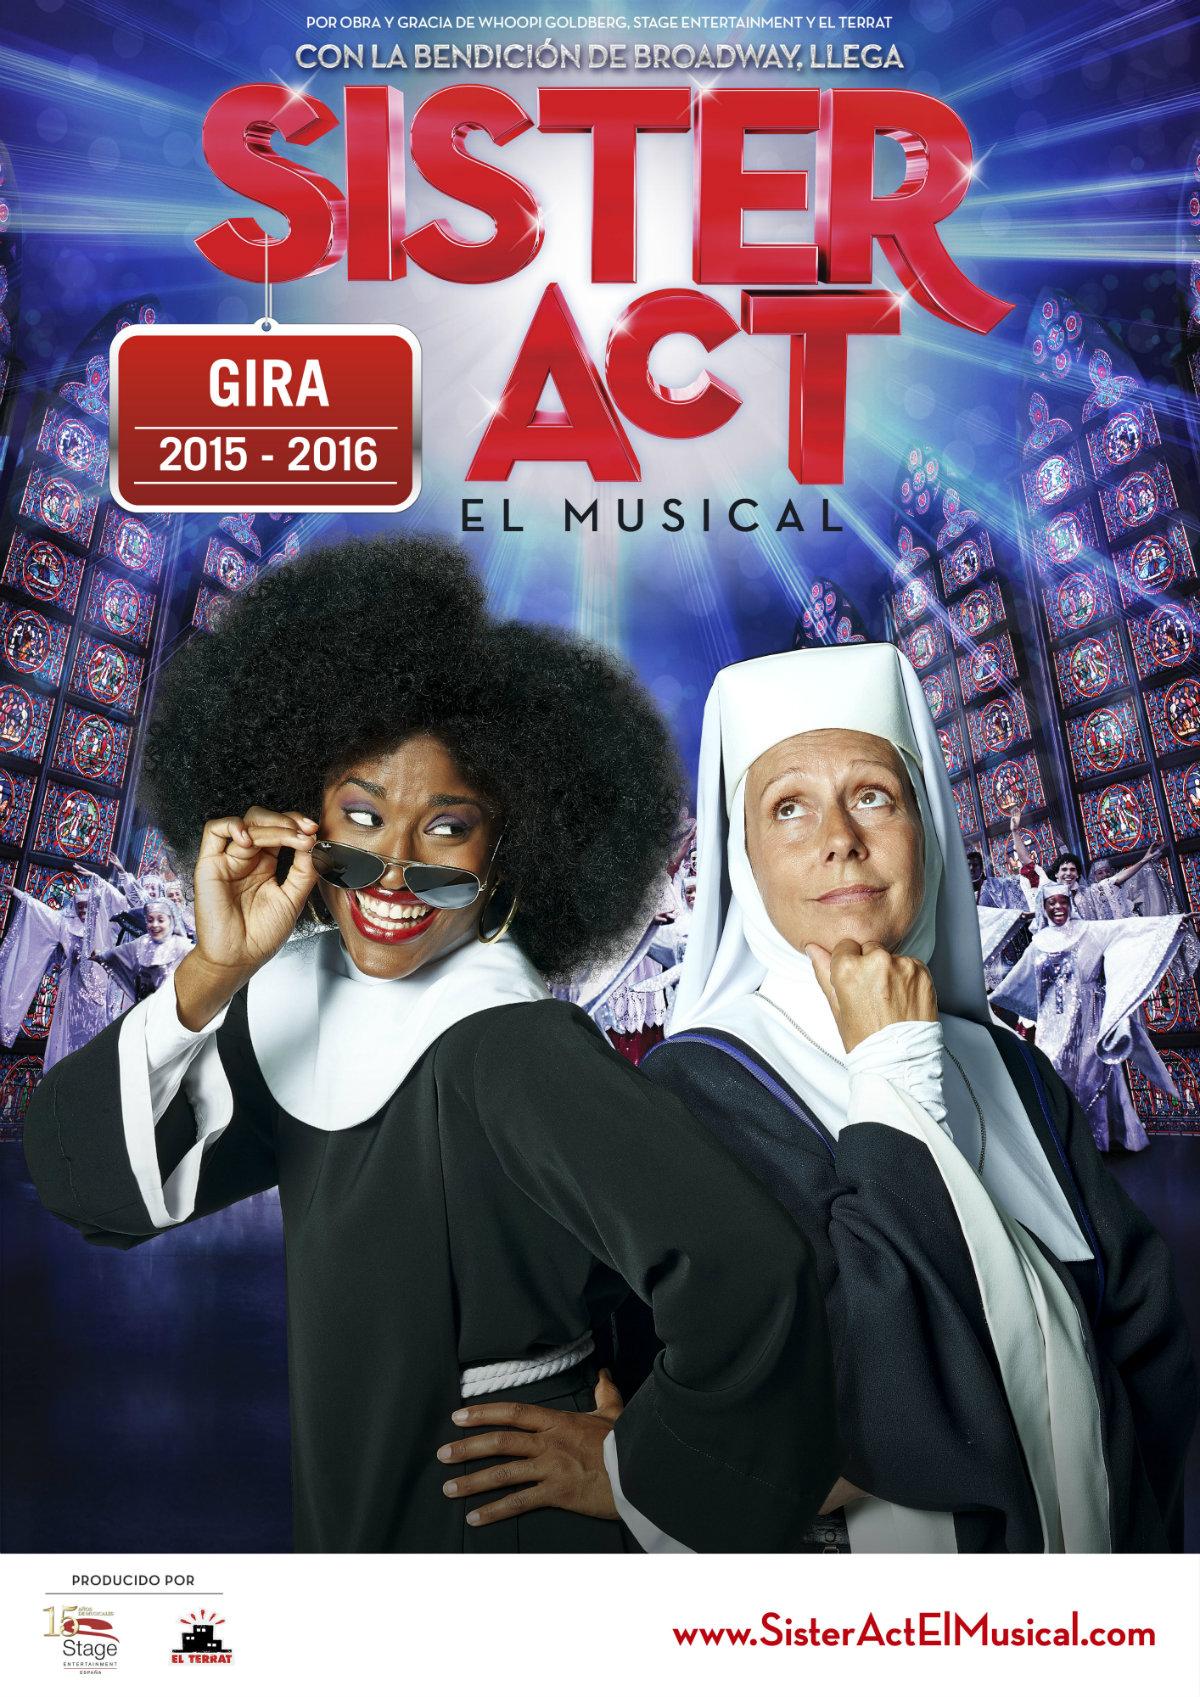 Moadiario cartel_gira Sister Act